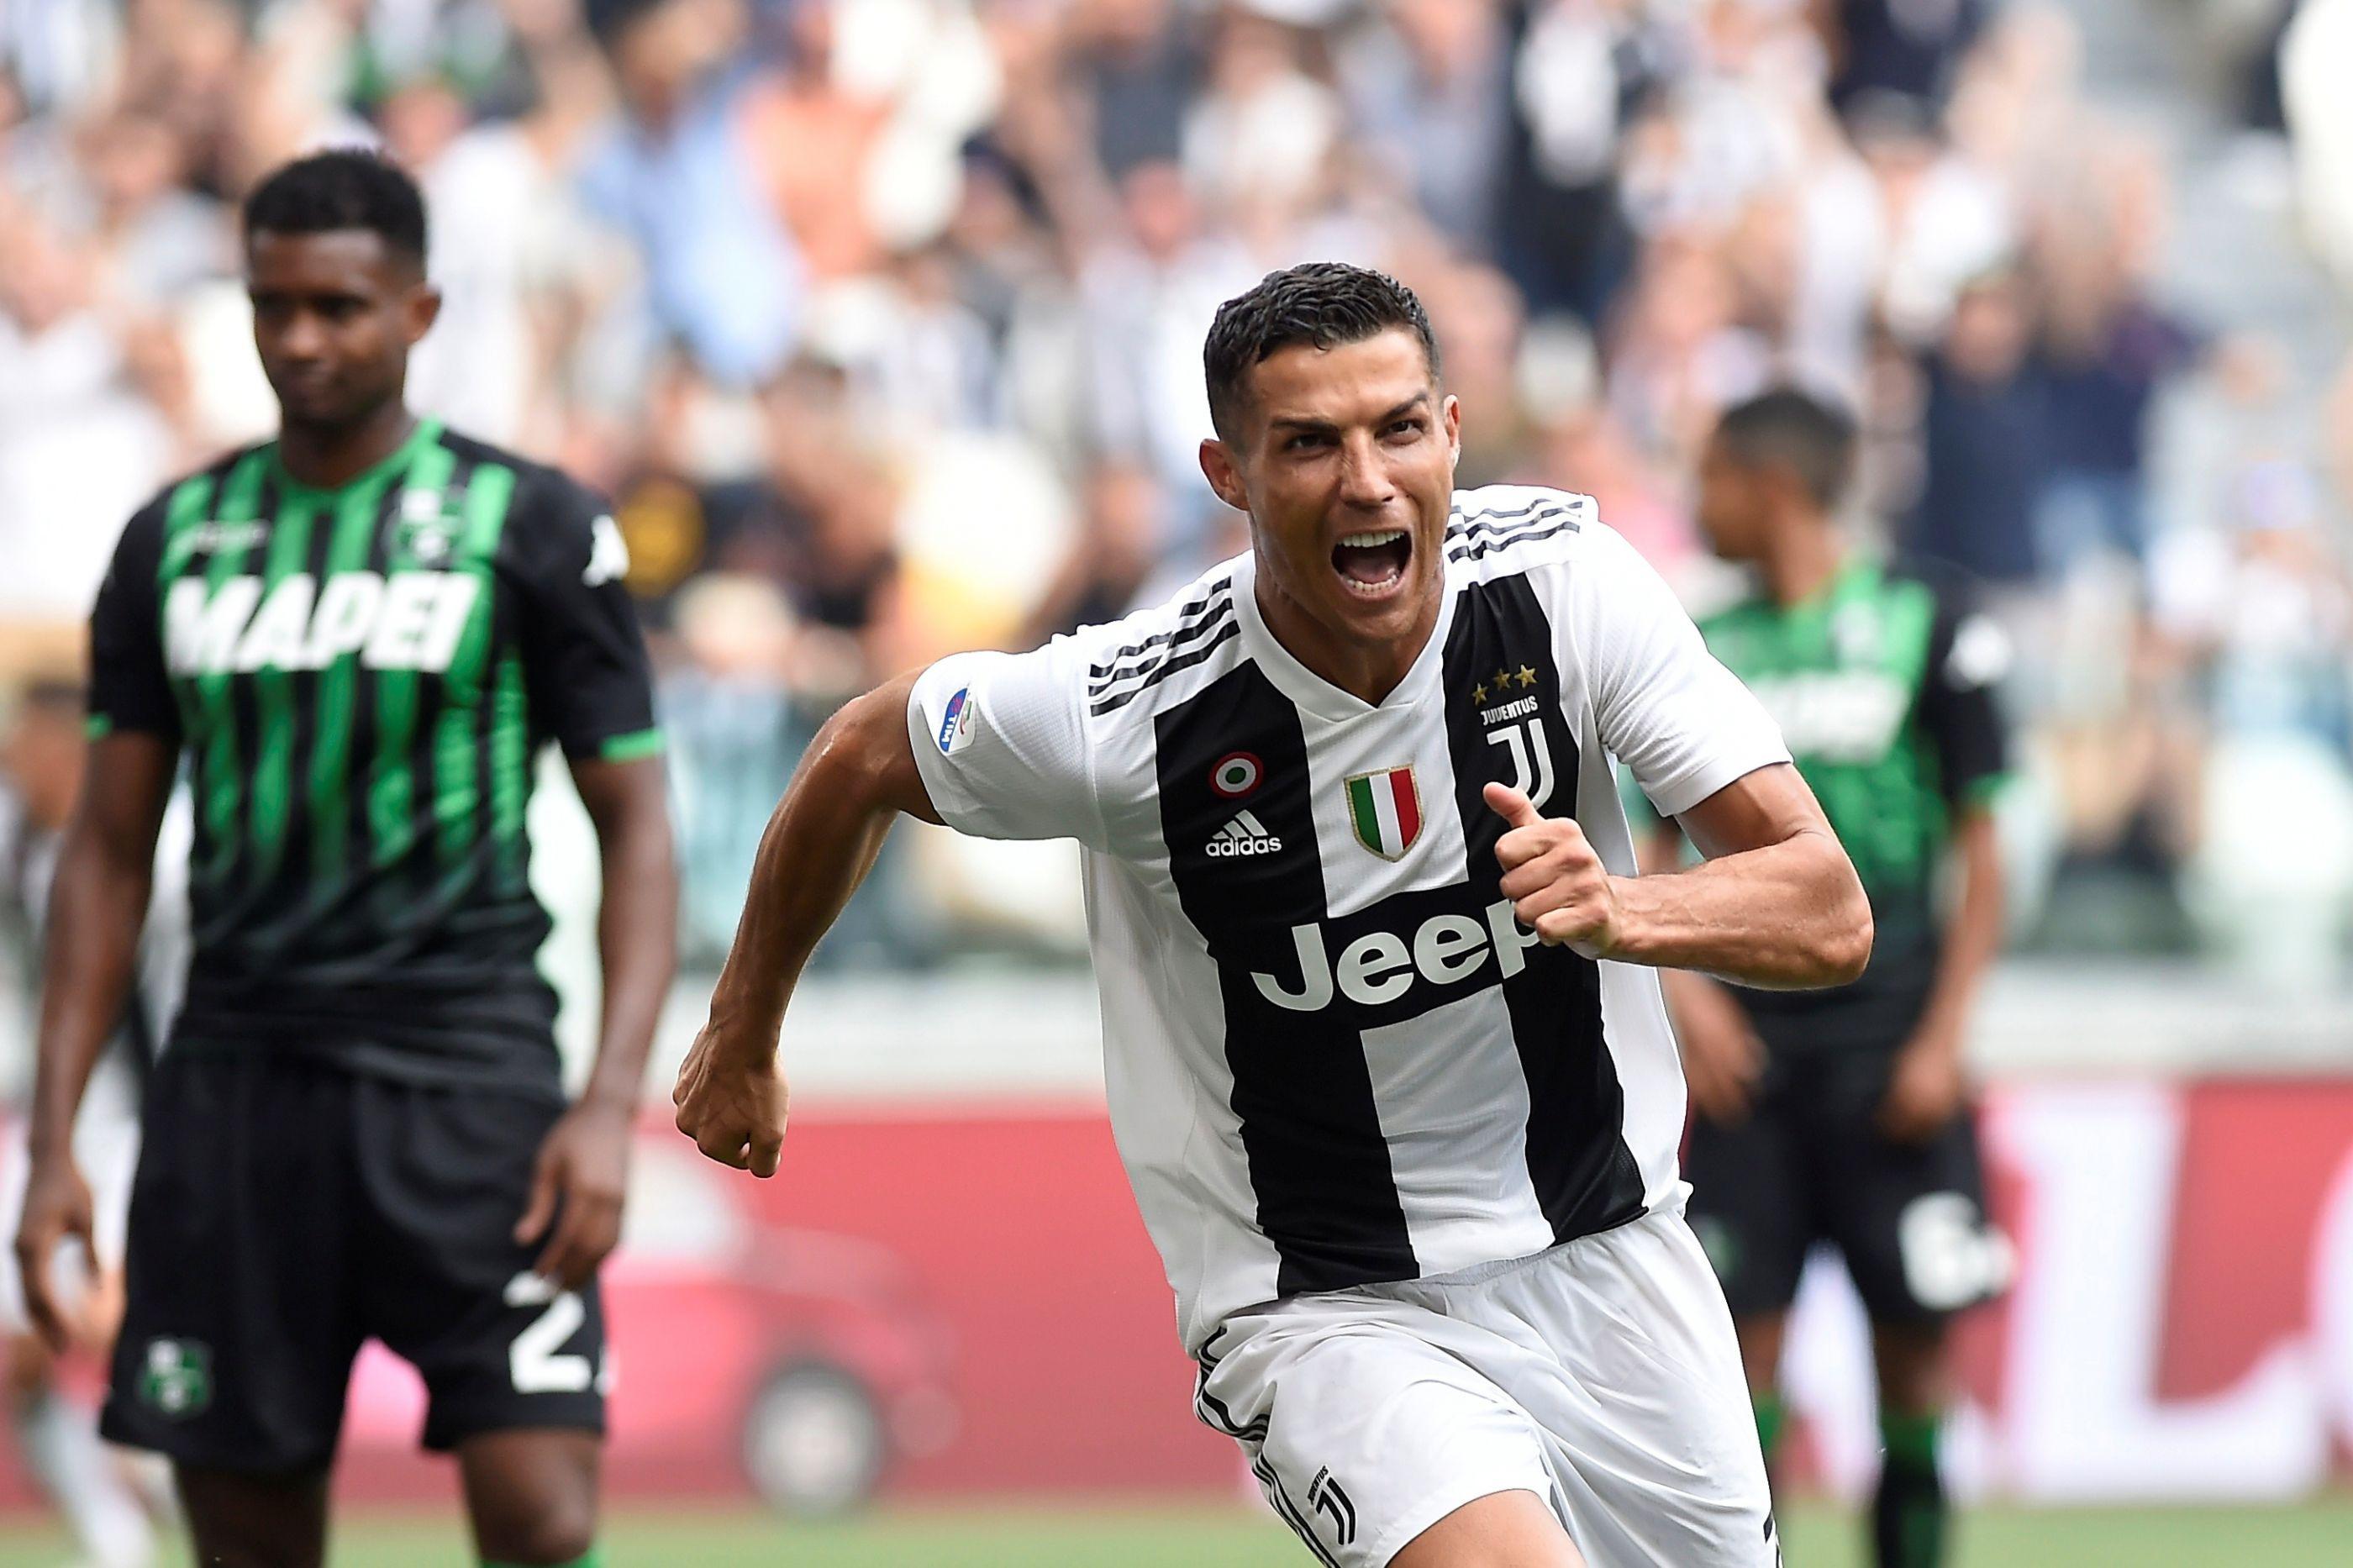 Cristiano melhor do que Ronaldo Nazário? Vieri responde